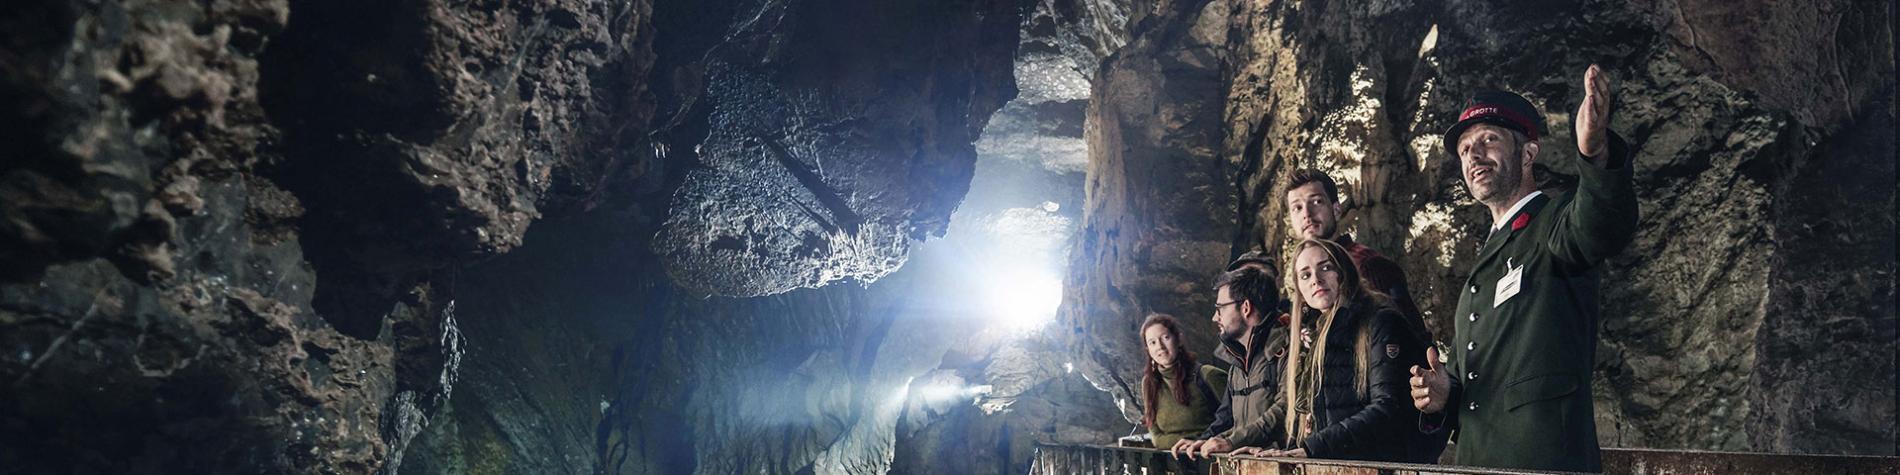 Grotte - Domaine de Han-sur-Lesse - Le Styx